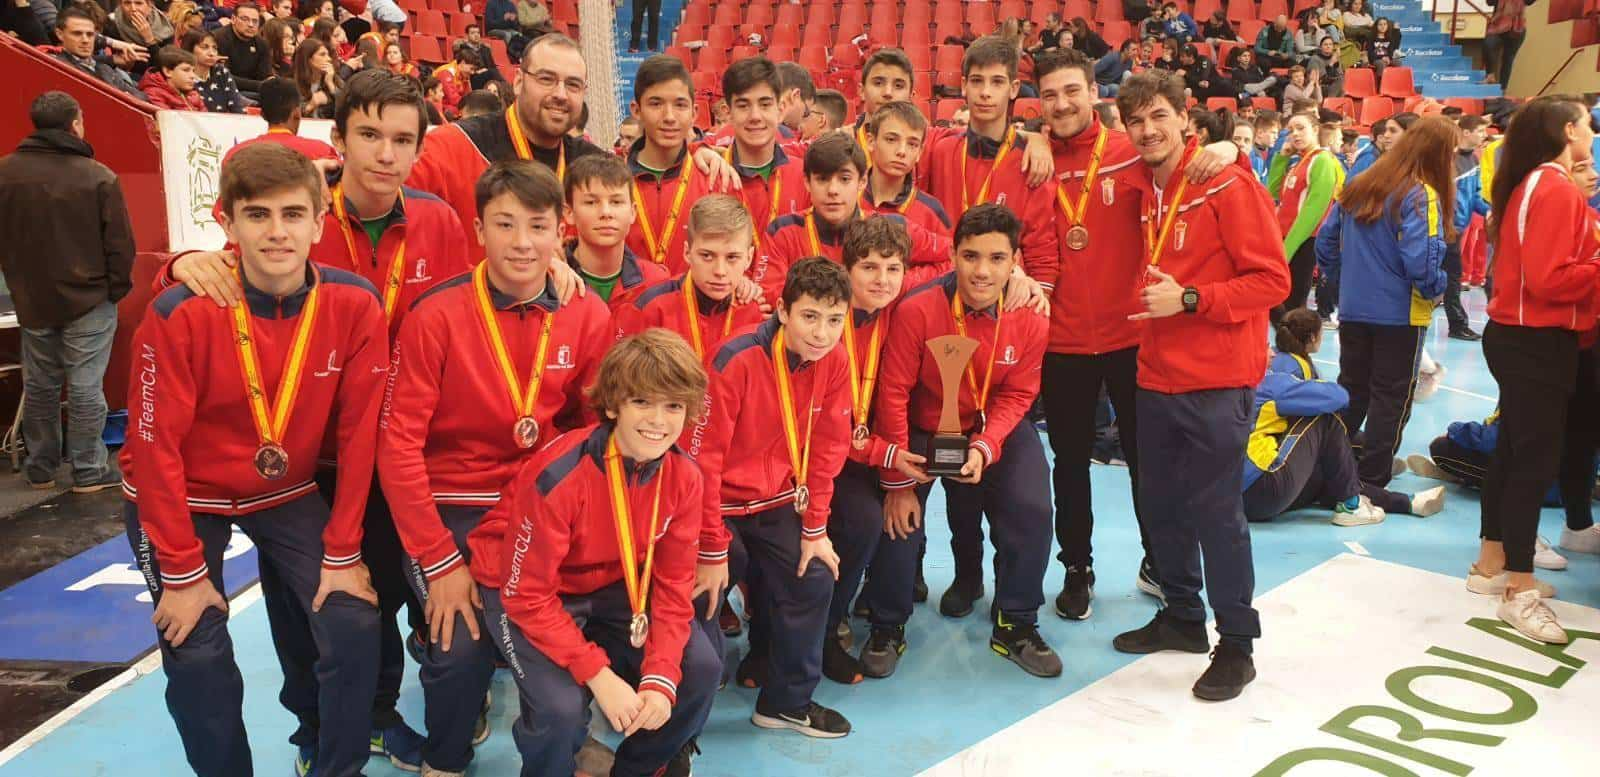 campeonato espana balonmano terriorial femenino - Enhorabuena a los herencianos por sus éxitos en la Copa de España de balonmano